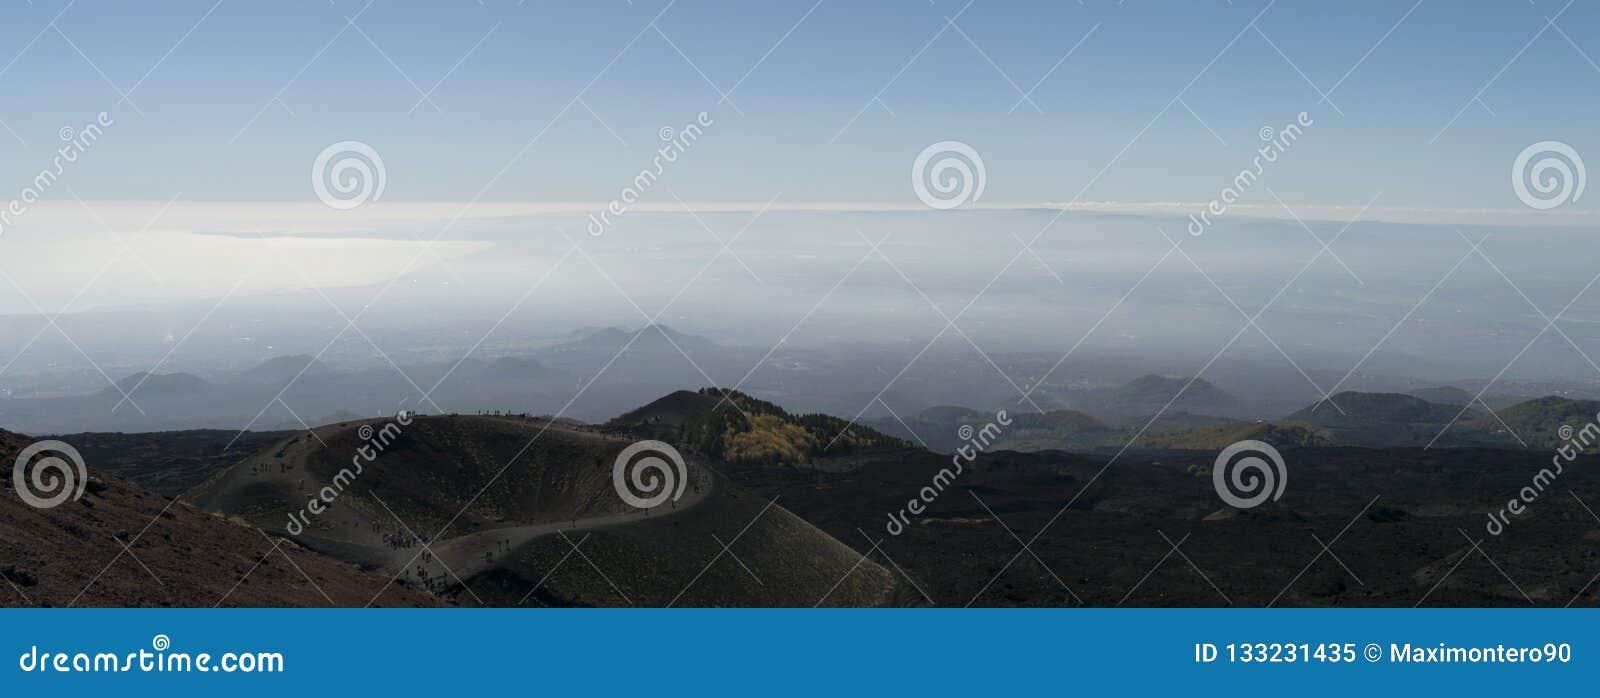 Mt Etna panorama pokazuje krater z chmurami w tle i